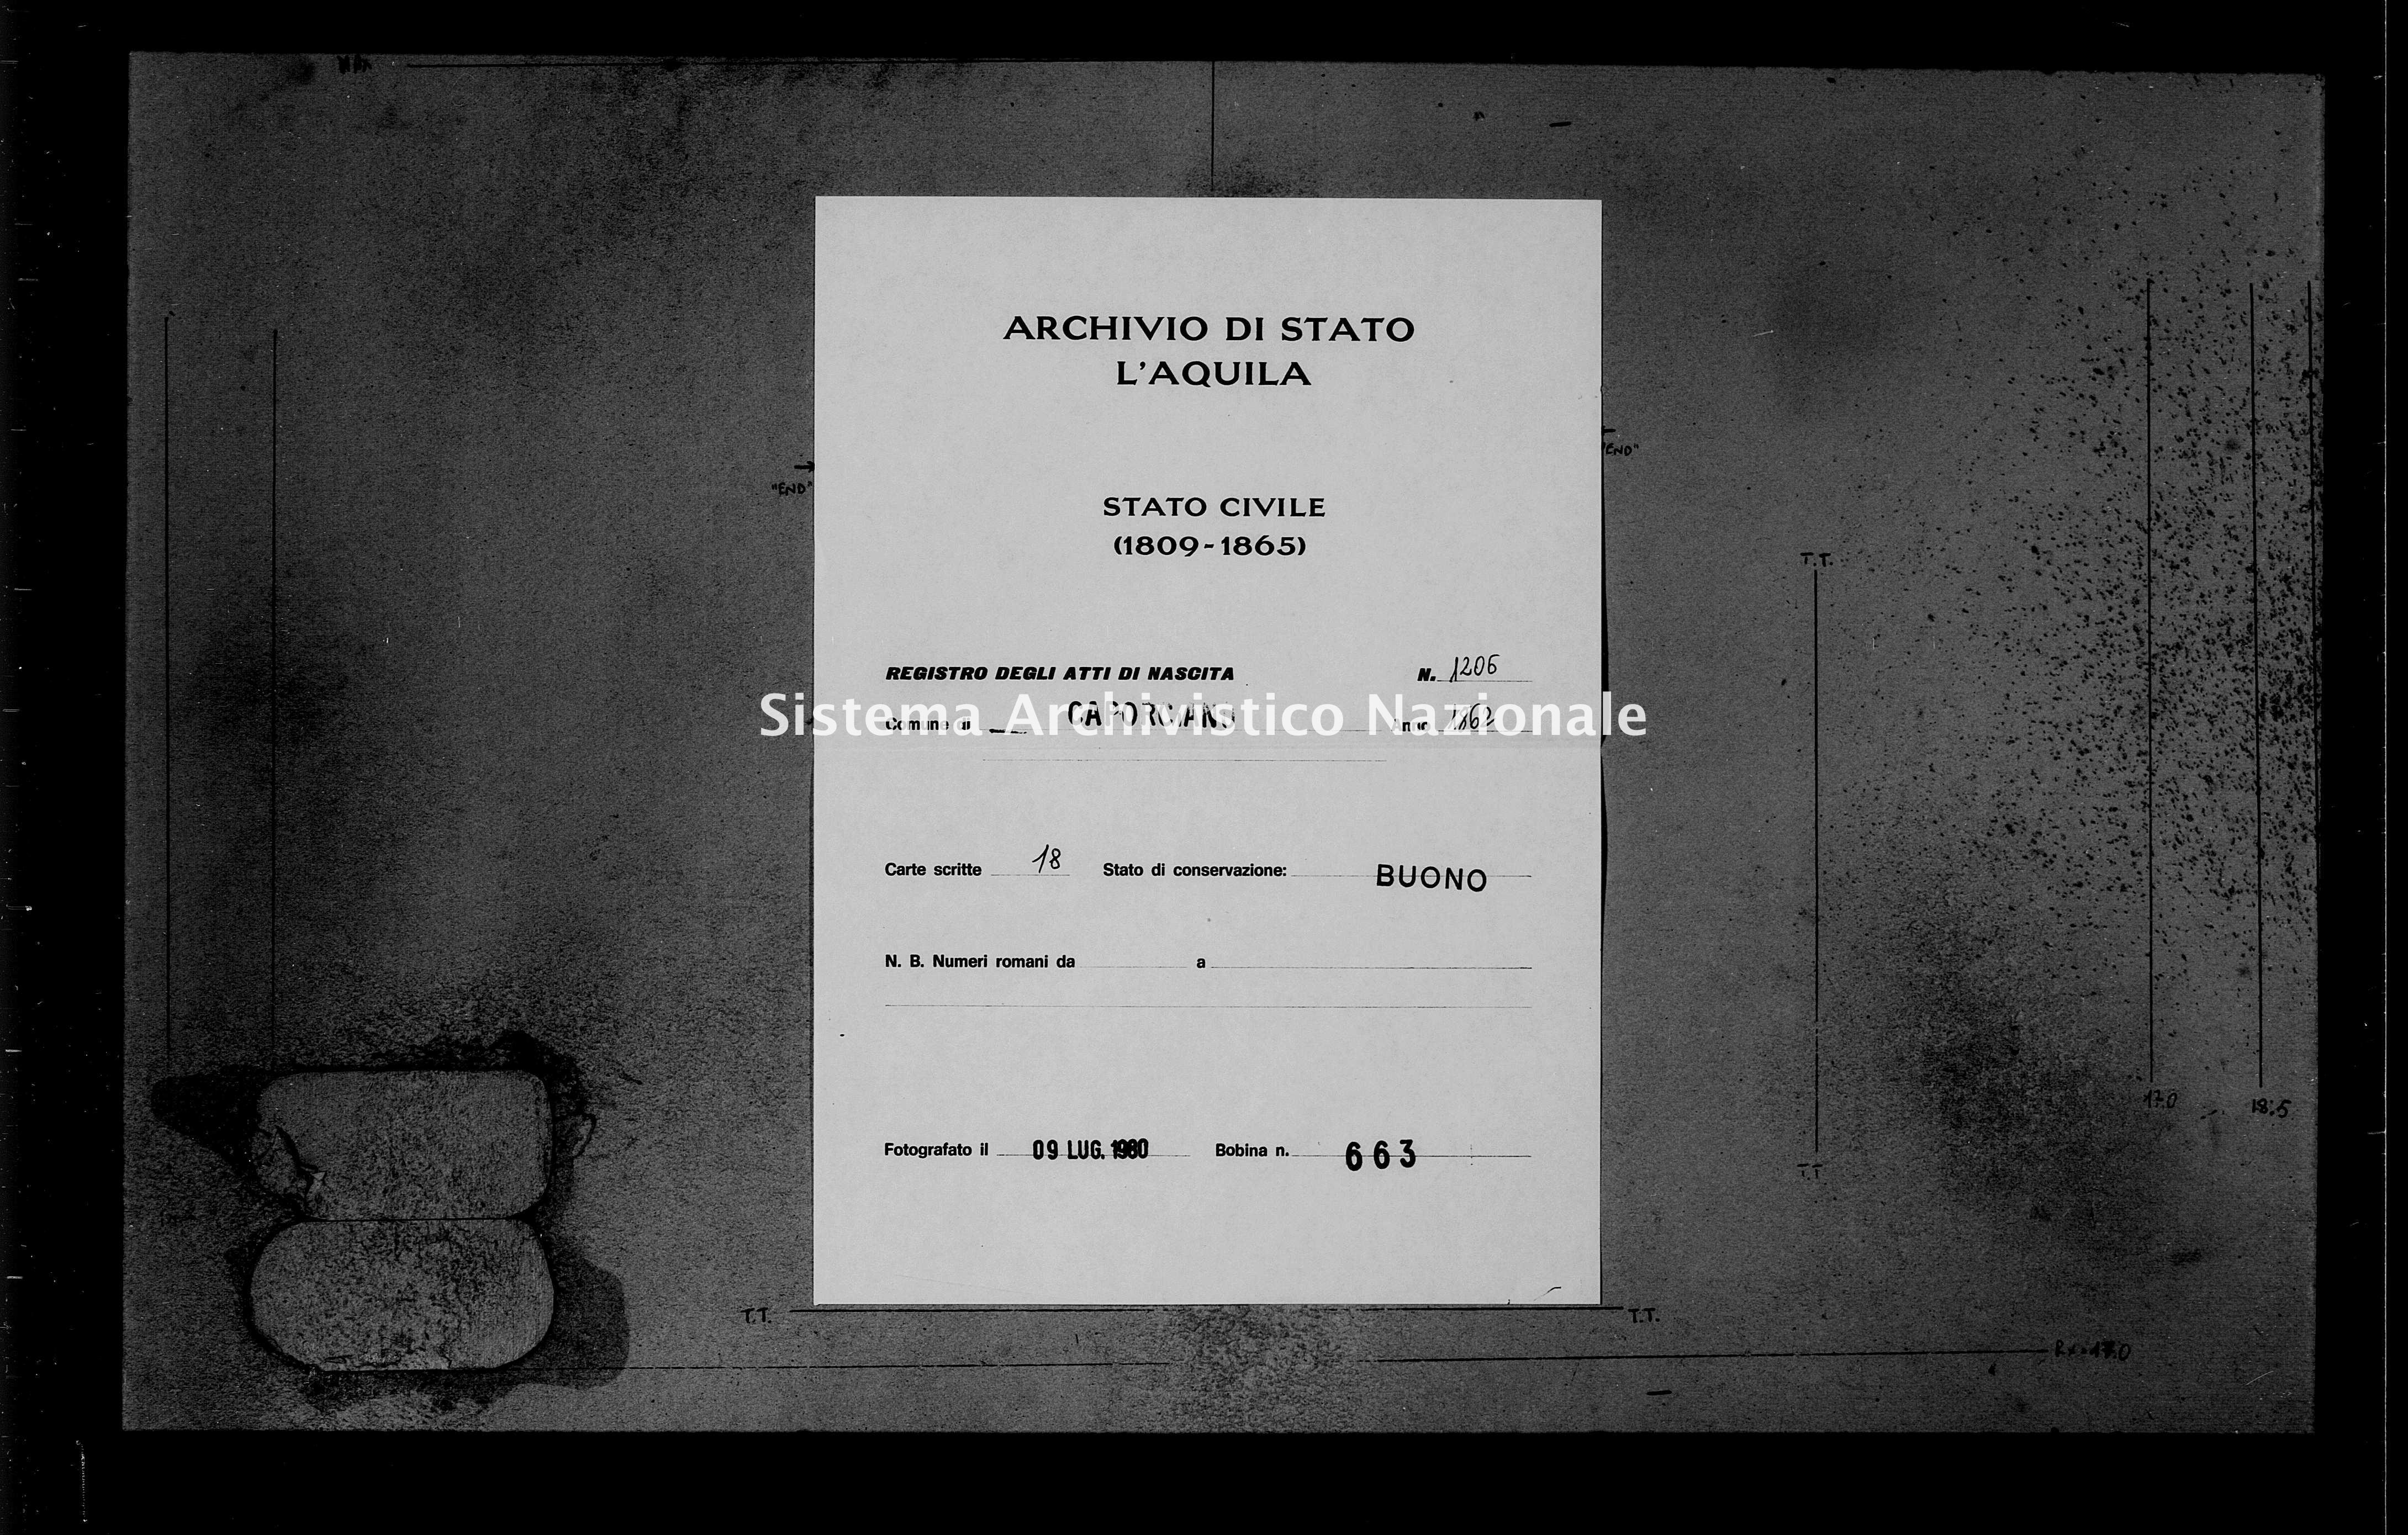 Archivio di stato di L'aquila - Stato civile italiano - Caporciano - Nati - 1862 - 1206 -